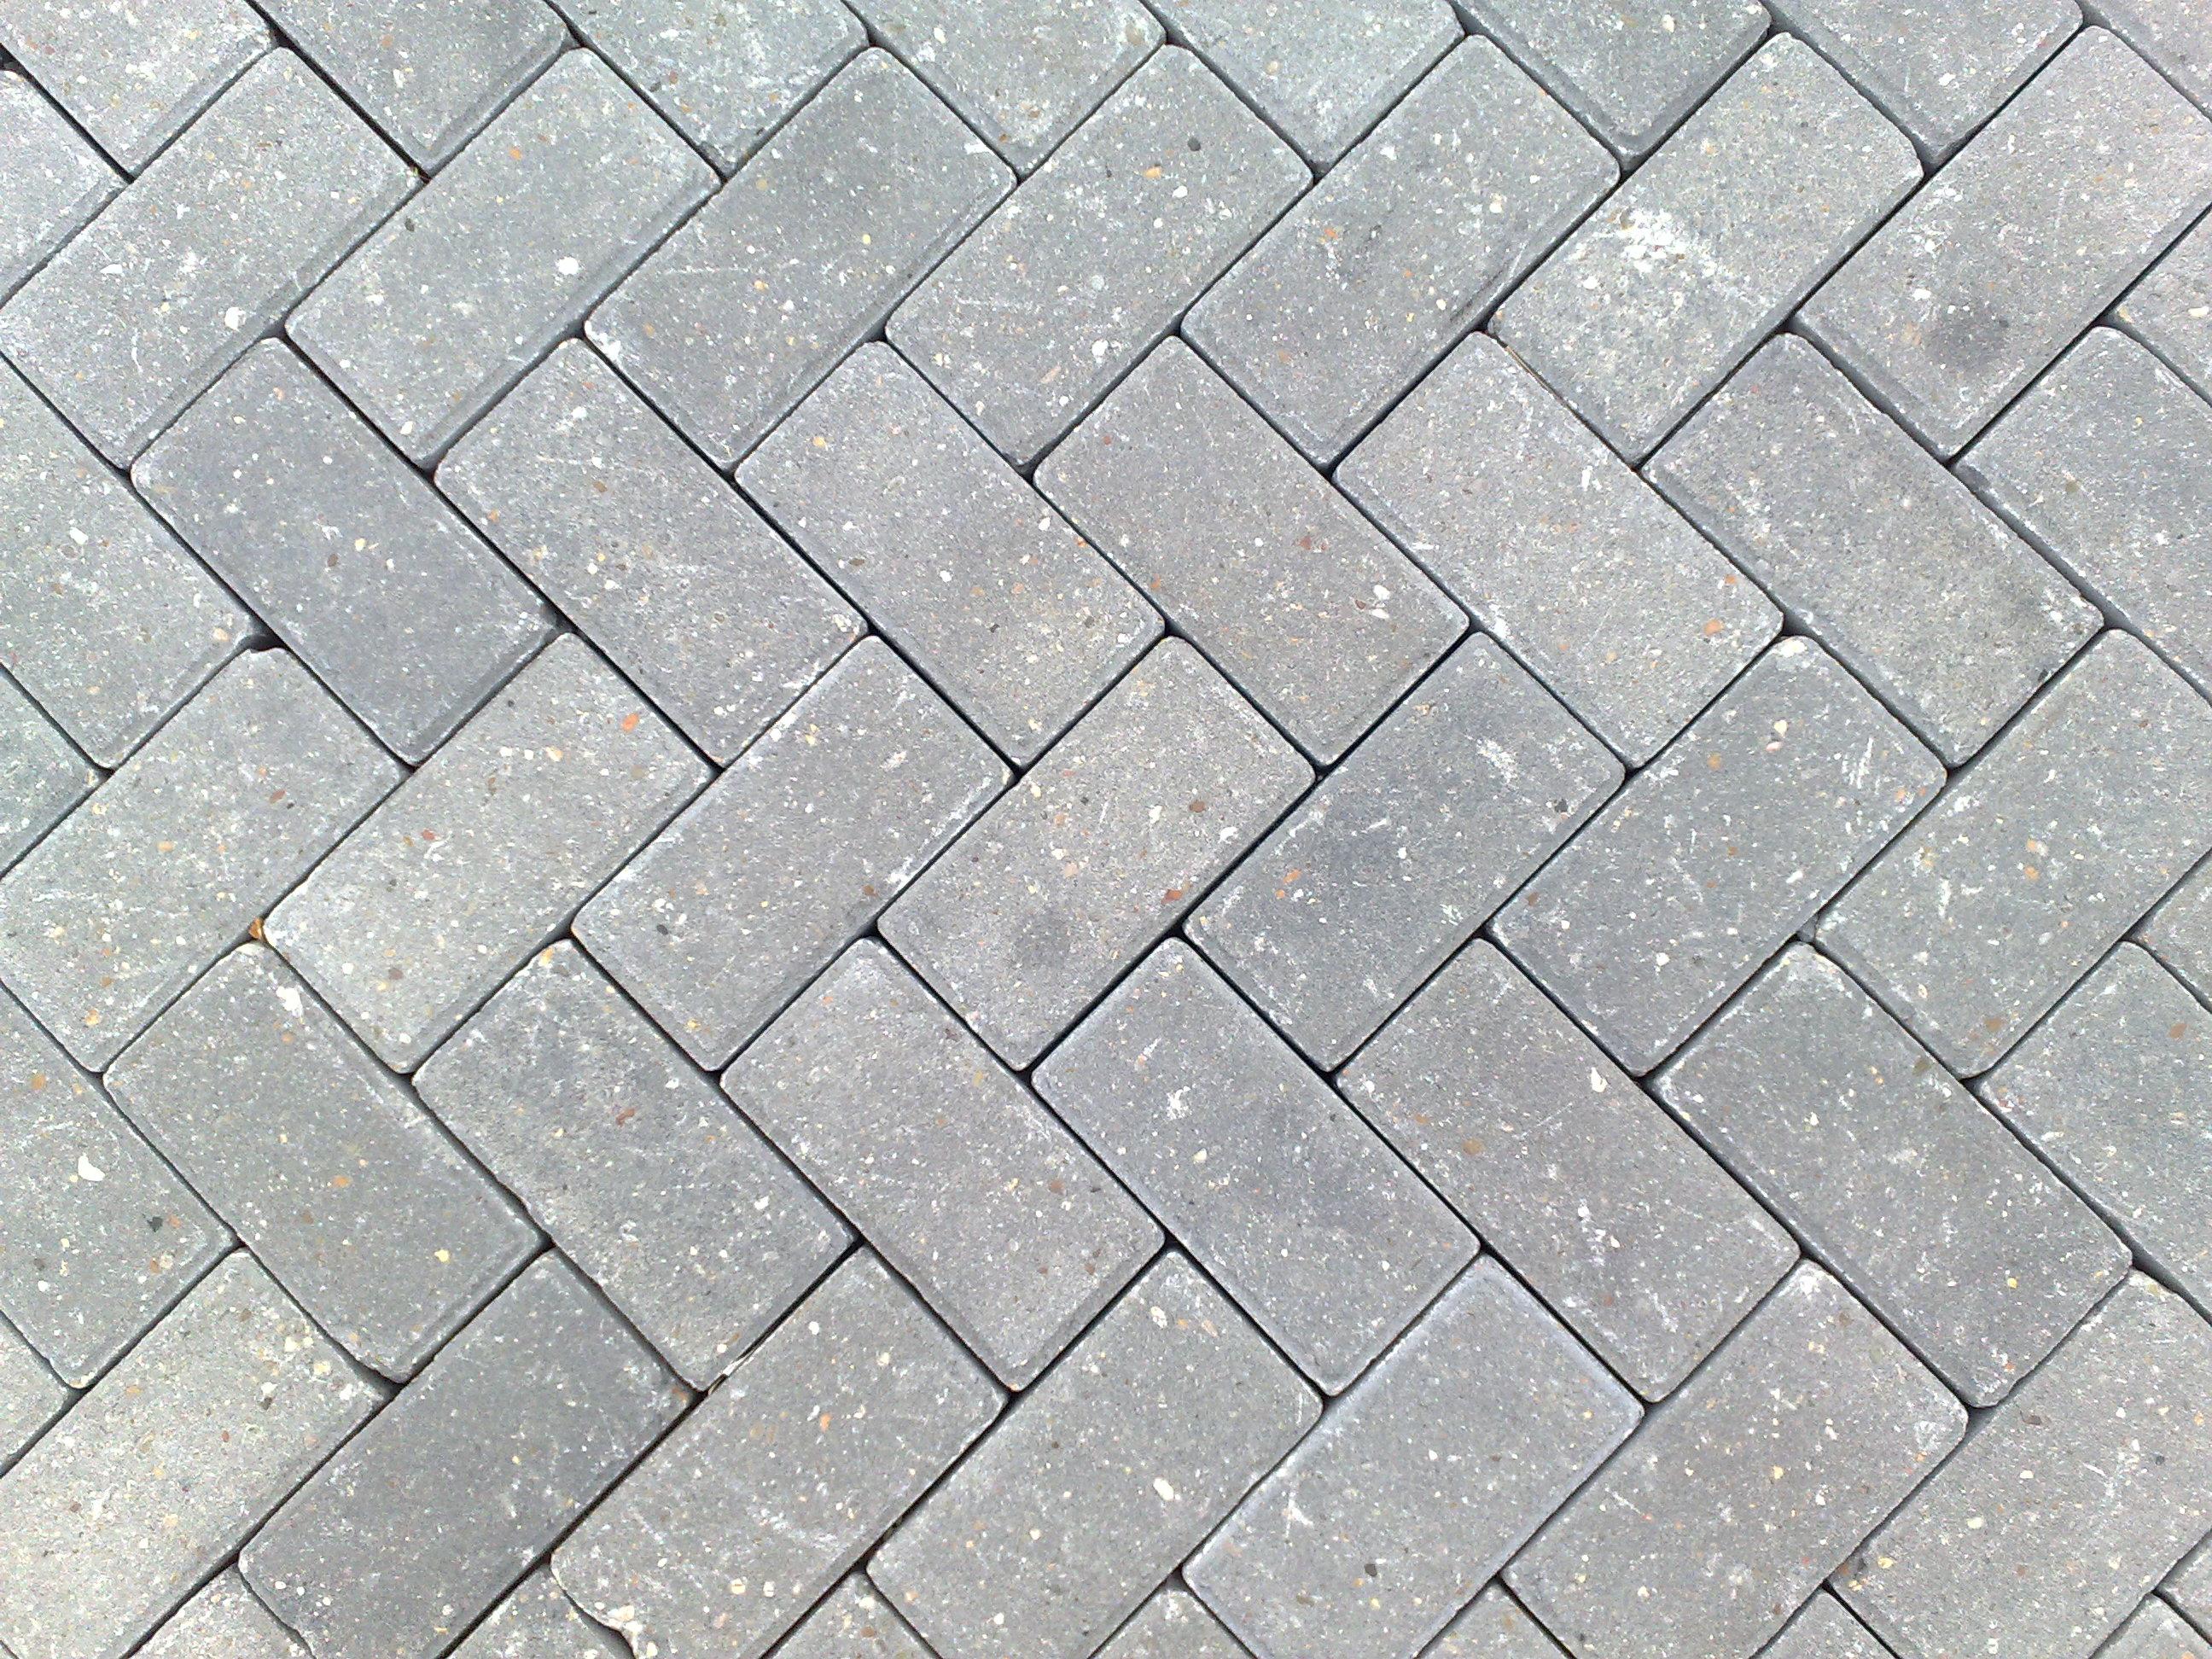 Brick Road 2 Texture